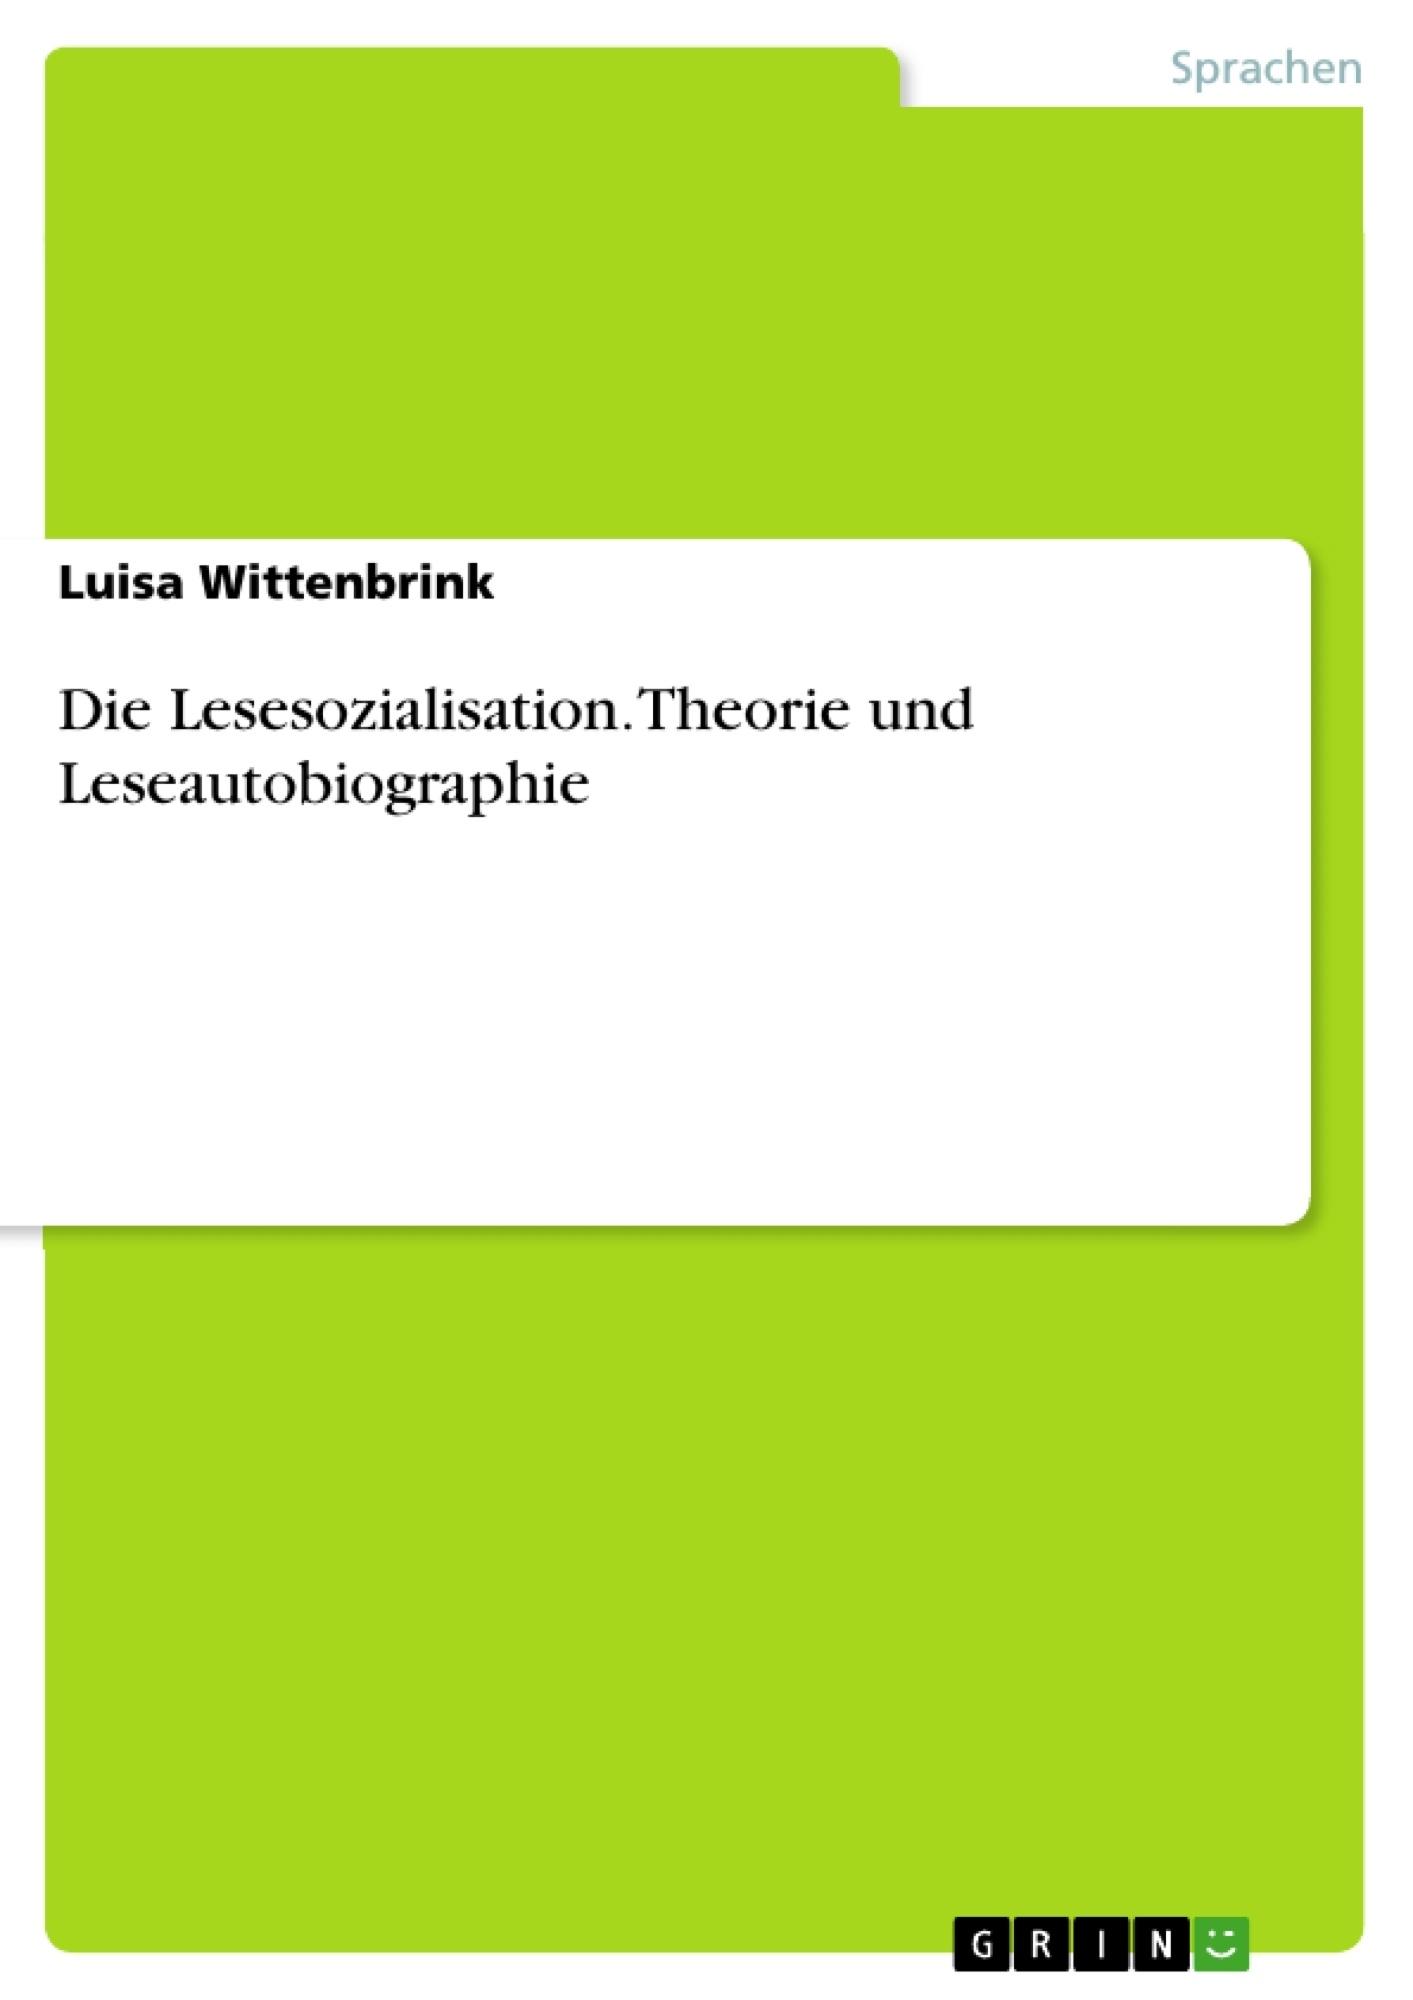 Titel: Die Lesesozialisation. Theorie und Leseautobiographie